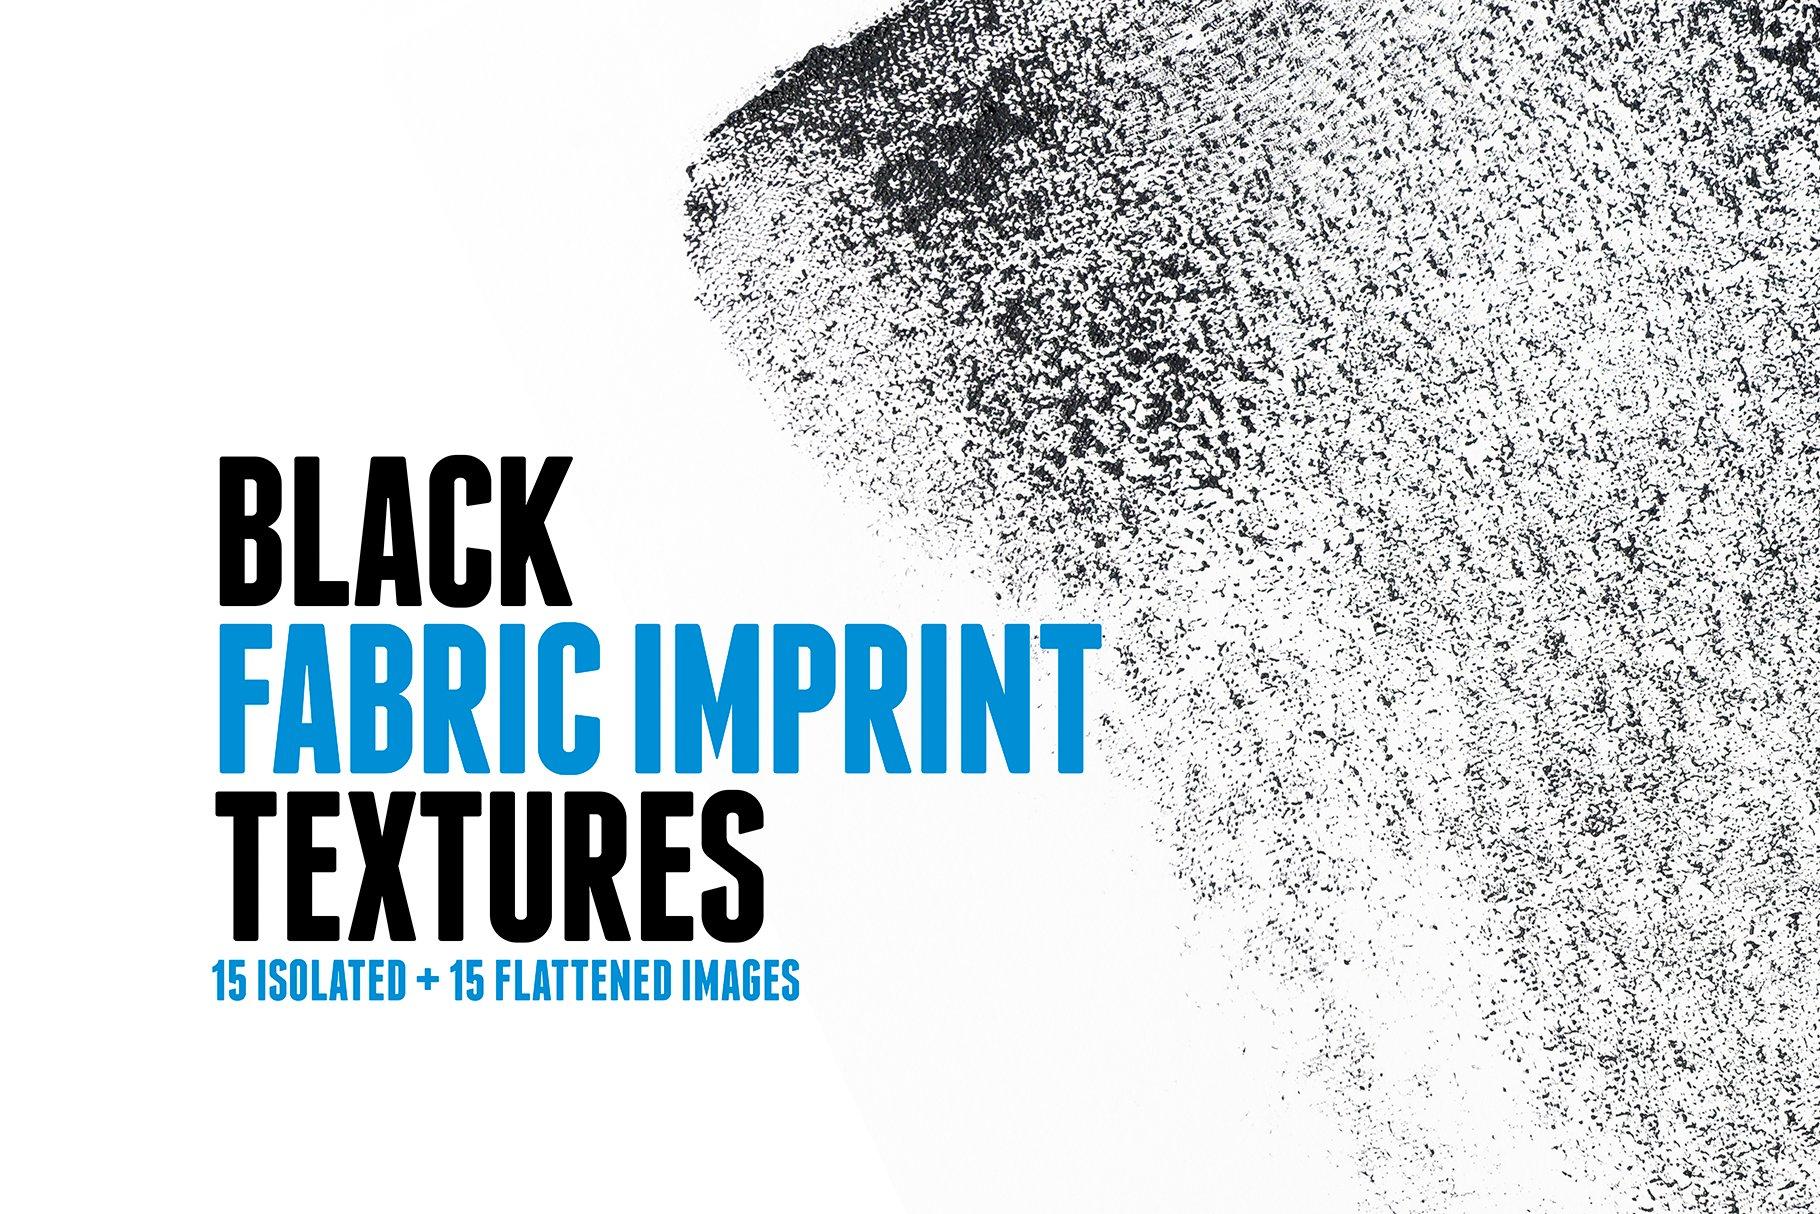 15款高清黑色织物压印效果背景PNG免抠图片素材 15 Black Fabric Imprint Textures插图